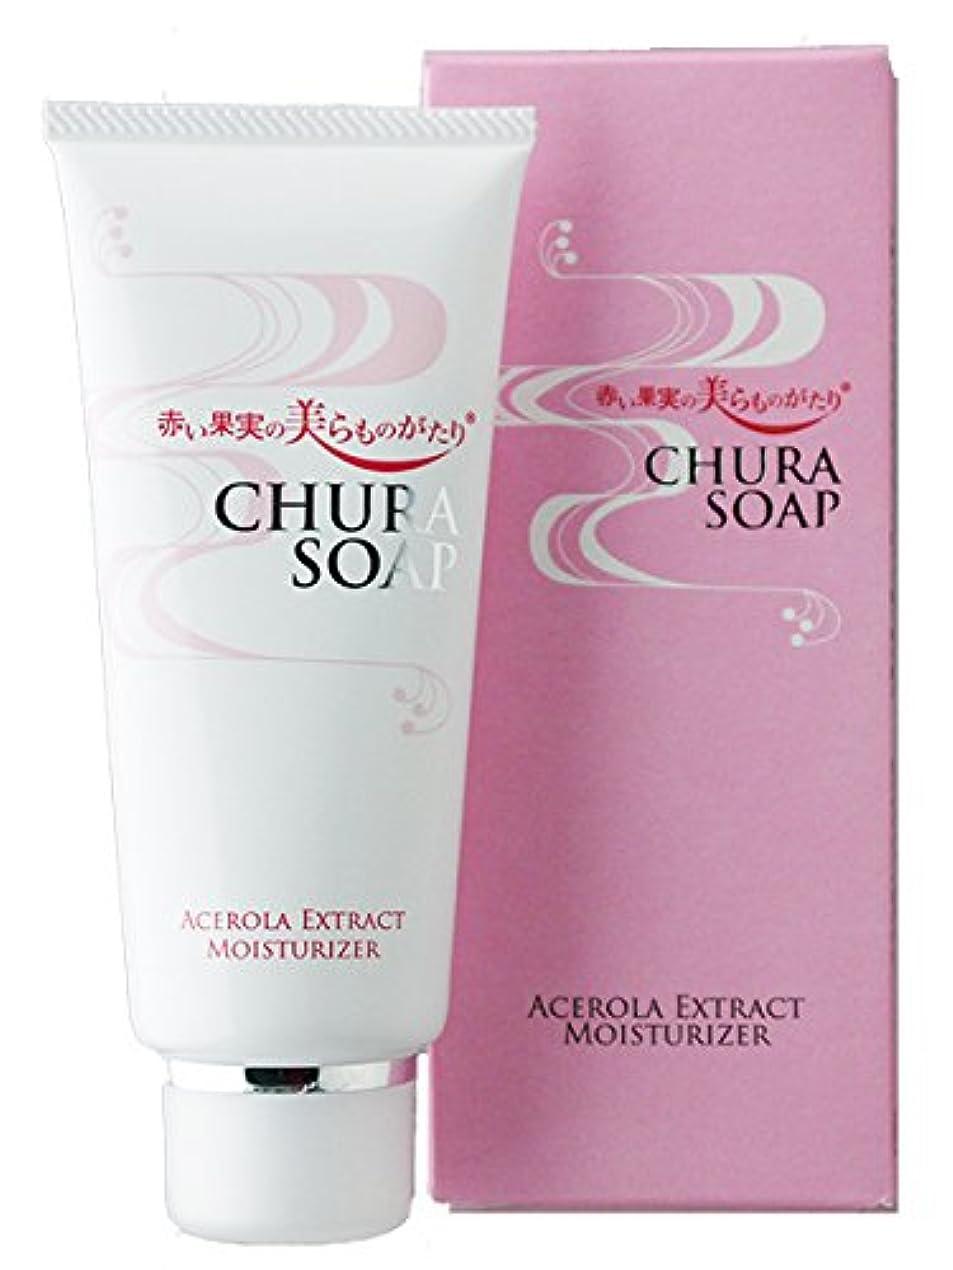 並外れたポルトガル語主導権赤い果実の美らものがたり CHURA SOAP 100g×3個 やんばる彩葉 沖縄生まれのアセロラ自然派化粧品